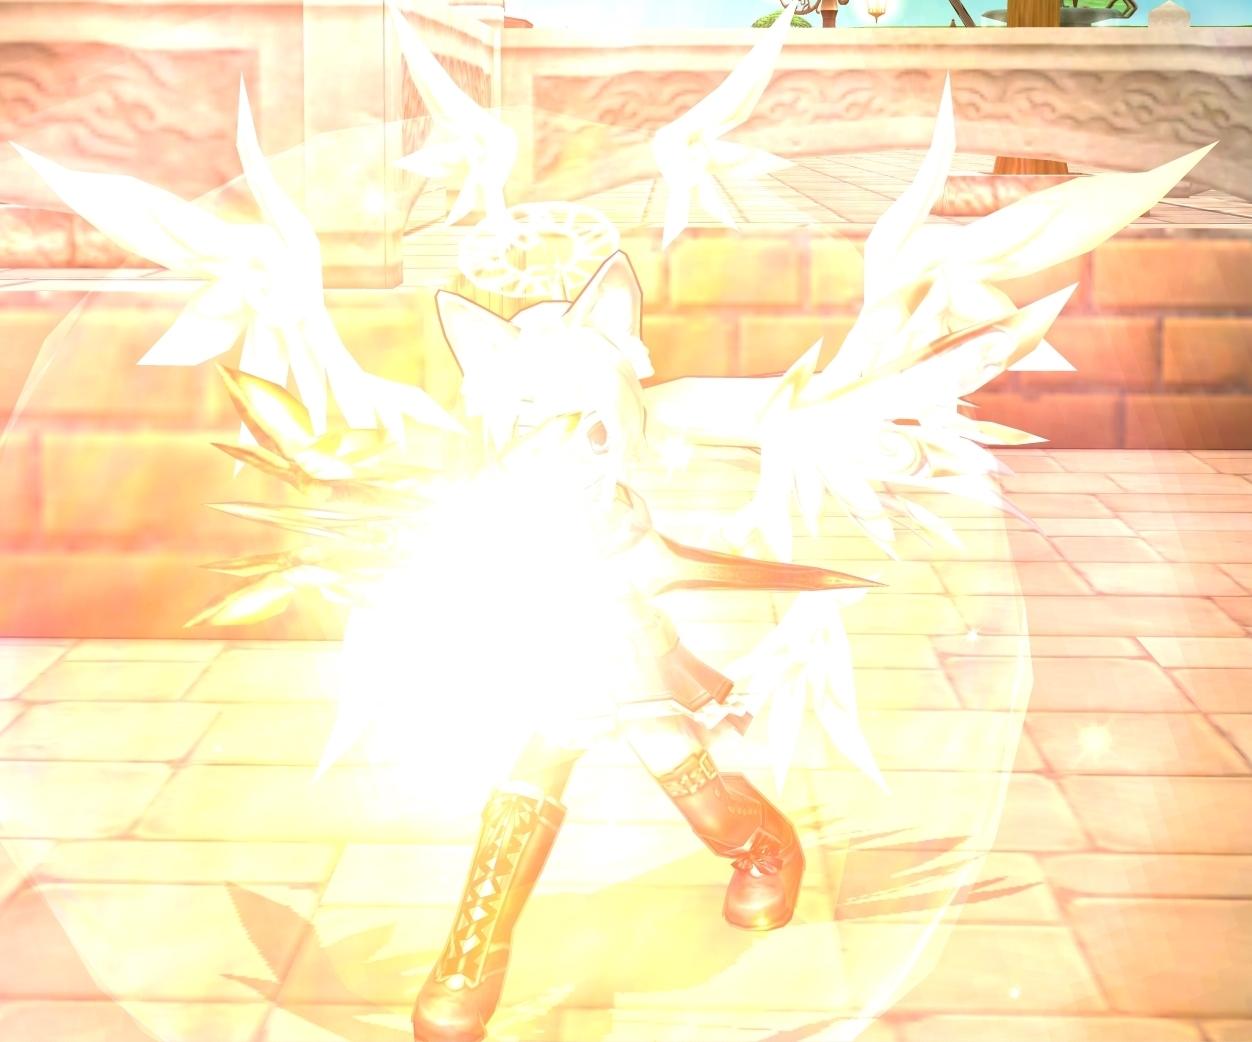 神獣弓「クトゥグア」イメージSS